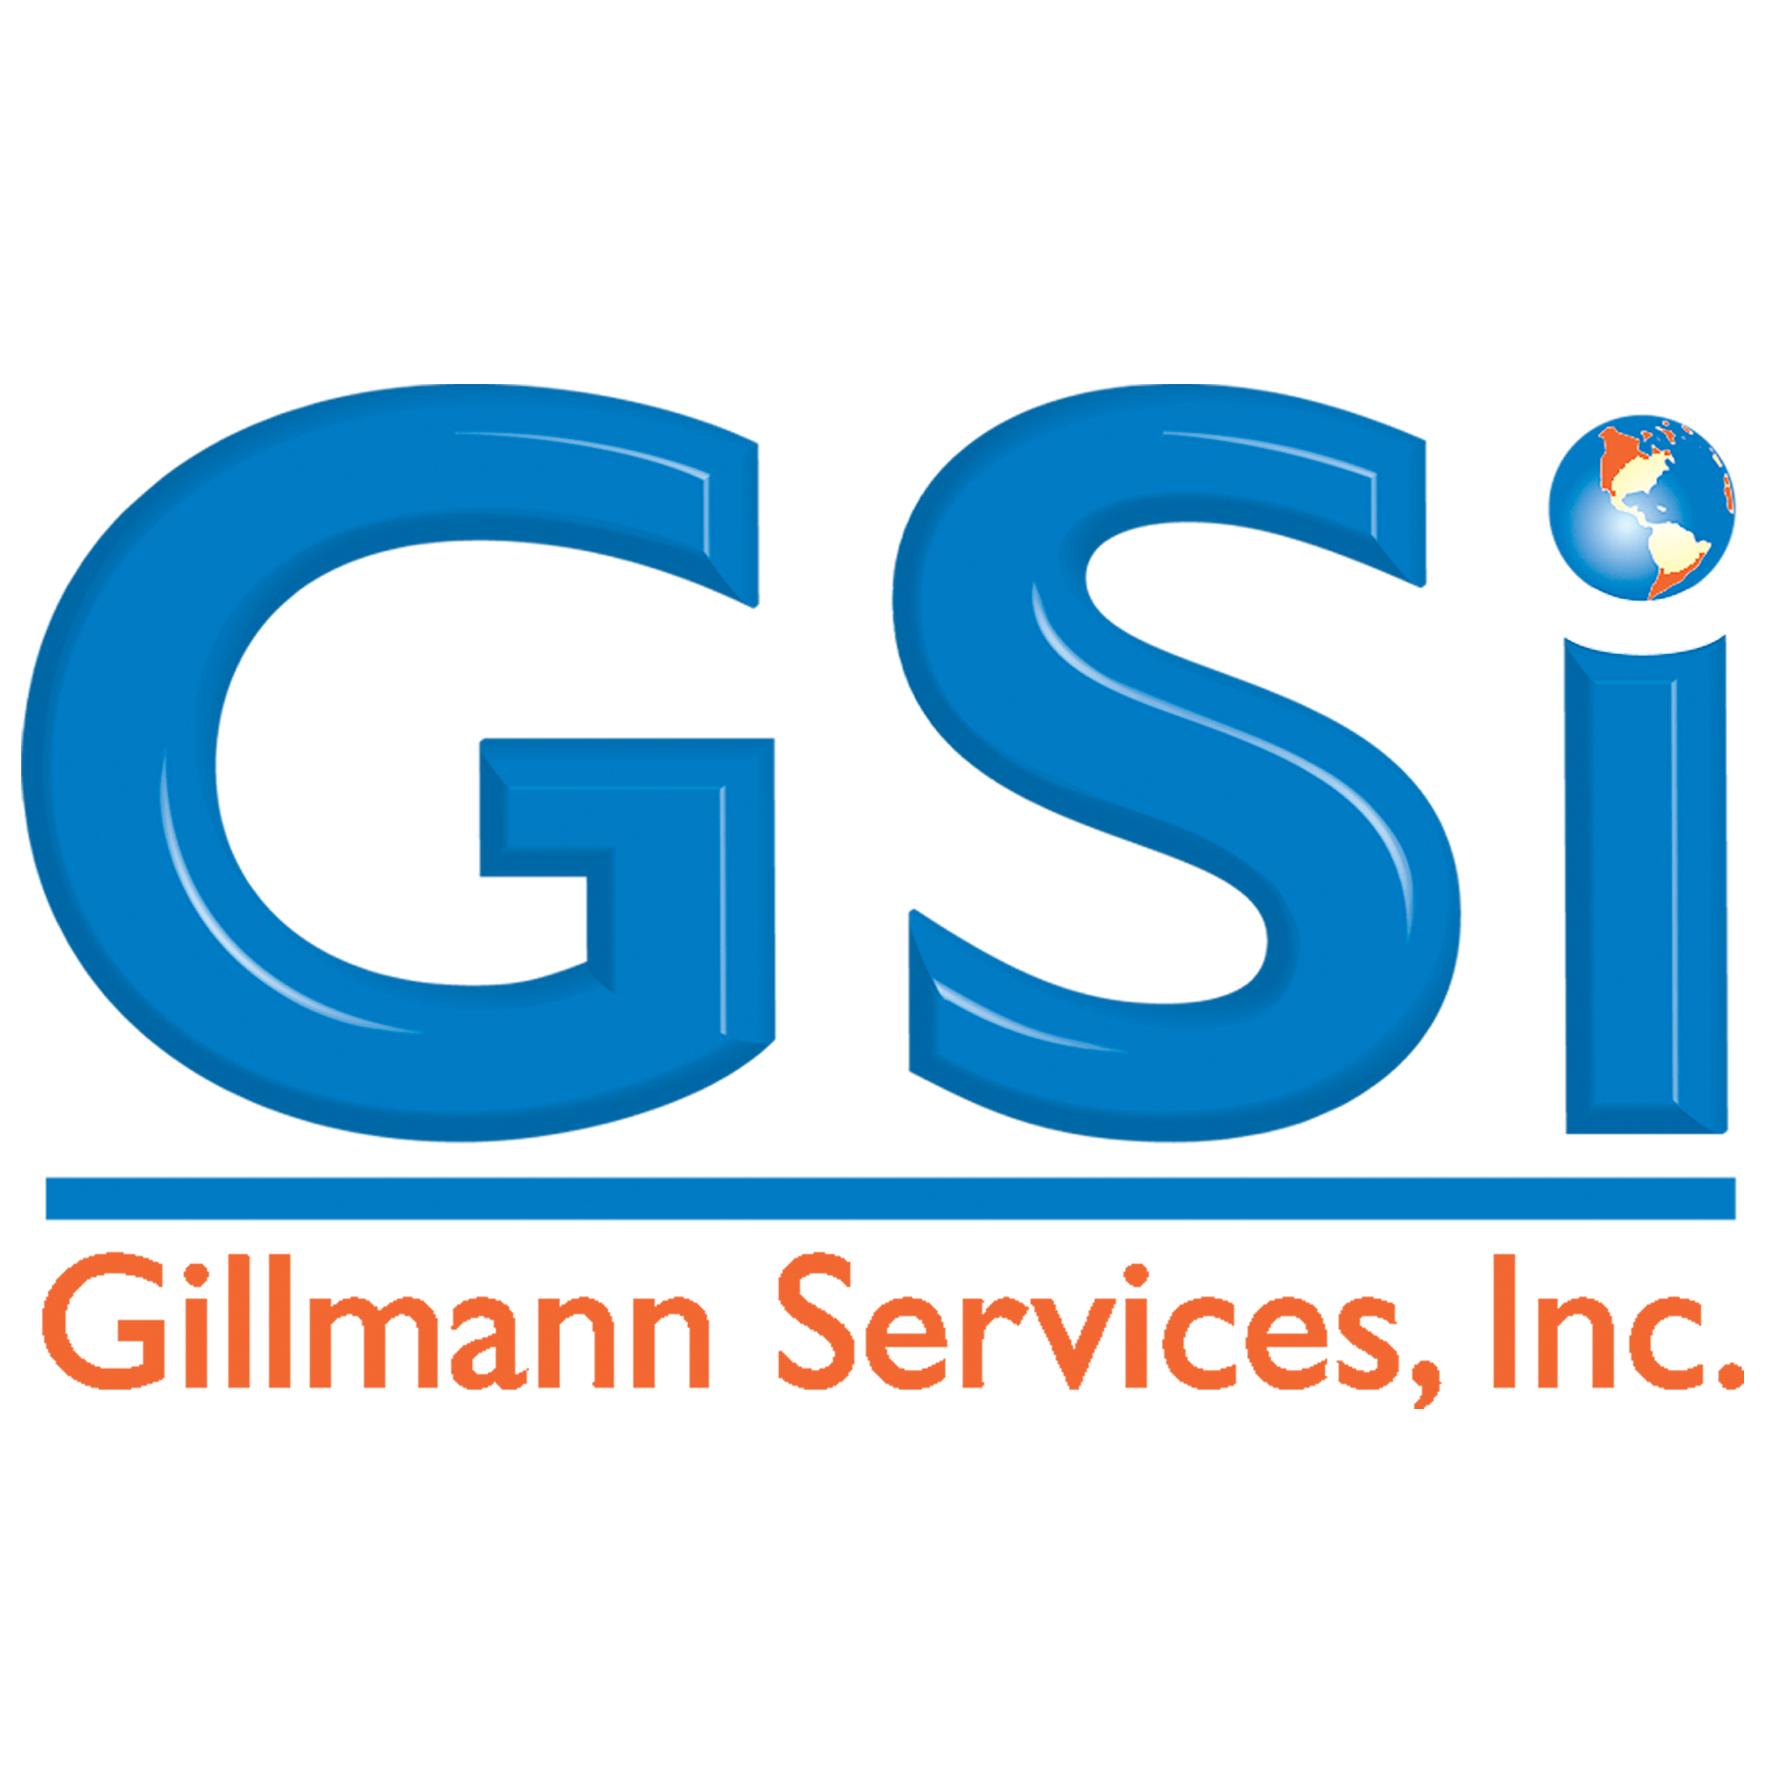 Gillmann Services Inc